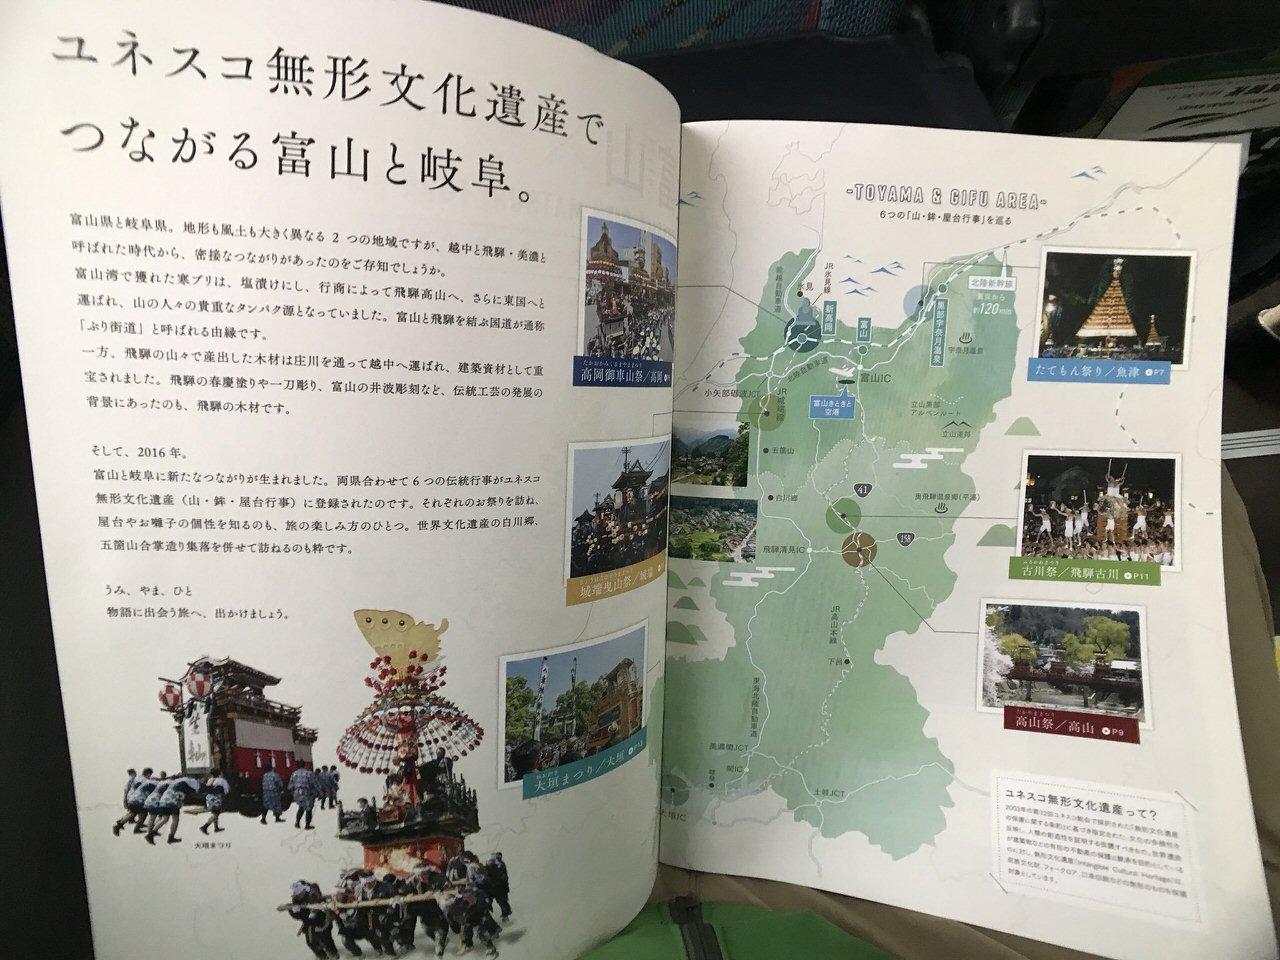 富山と飛騨は近い。まとめて巡れるユネスコ無形文化遺産(山・鉾・屋台行事)の旅。